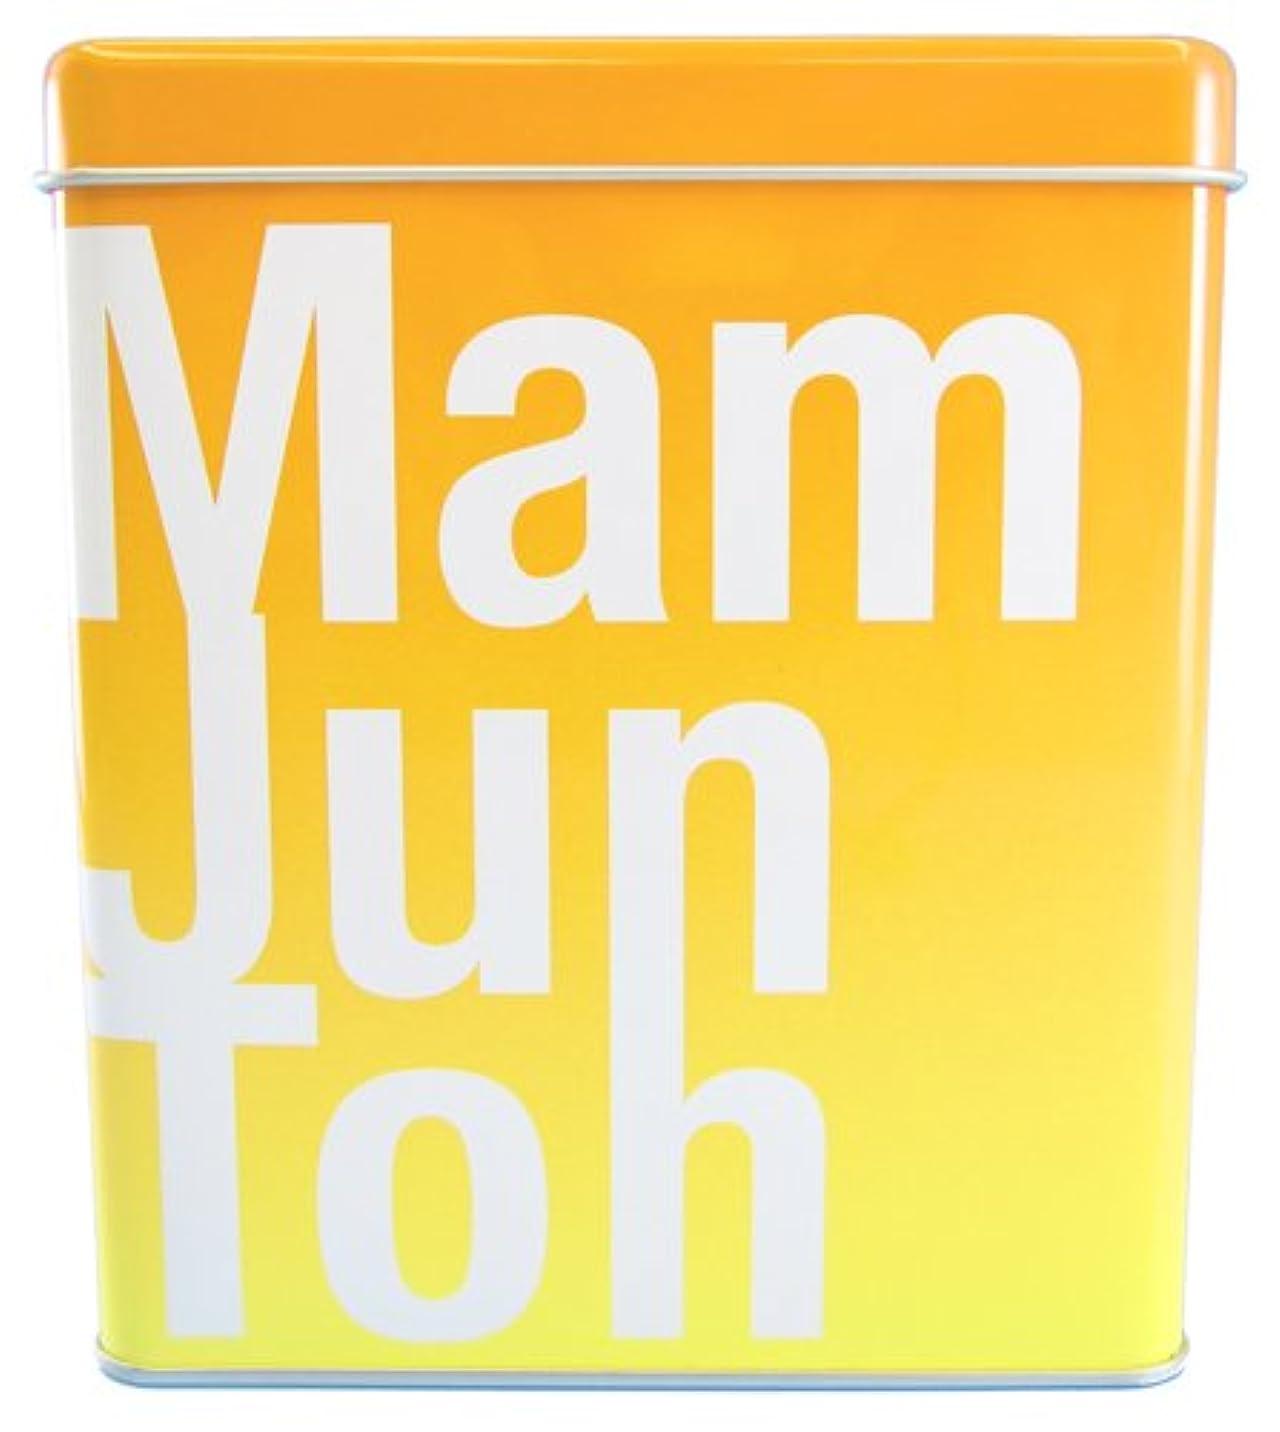 うまれた期間アトム蔓潤湯 椿 パラダイス山元責任監修 薬用入浴剤 天然ビターオレンジの香り 750g